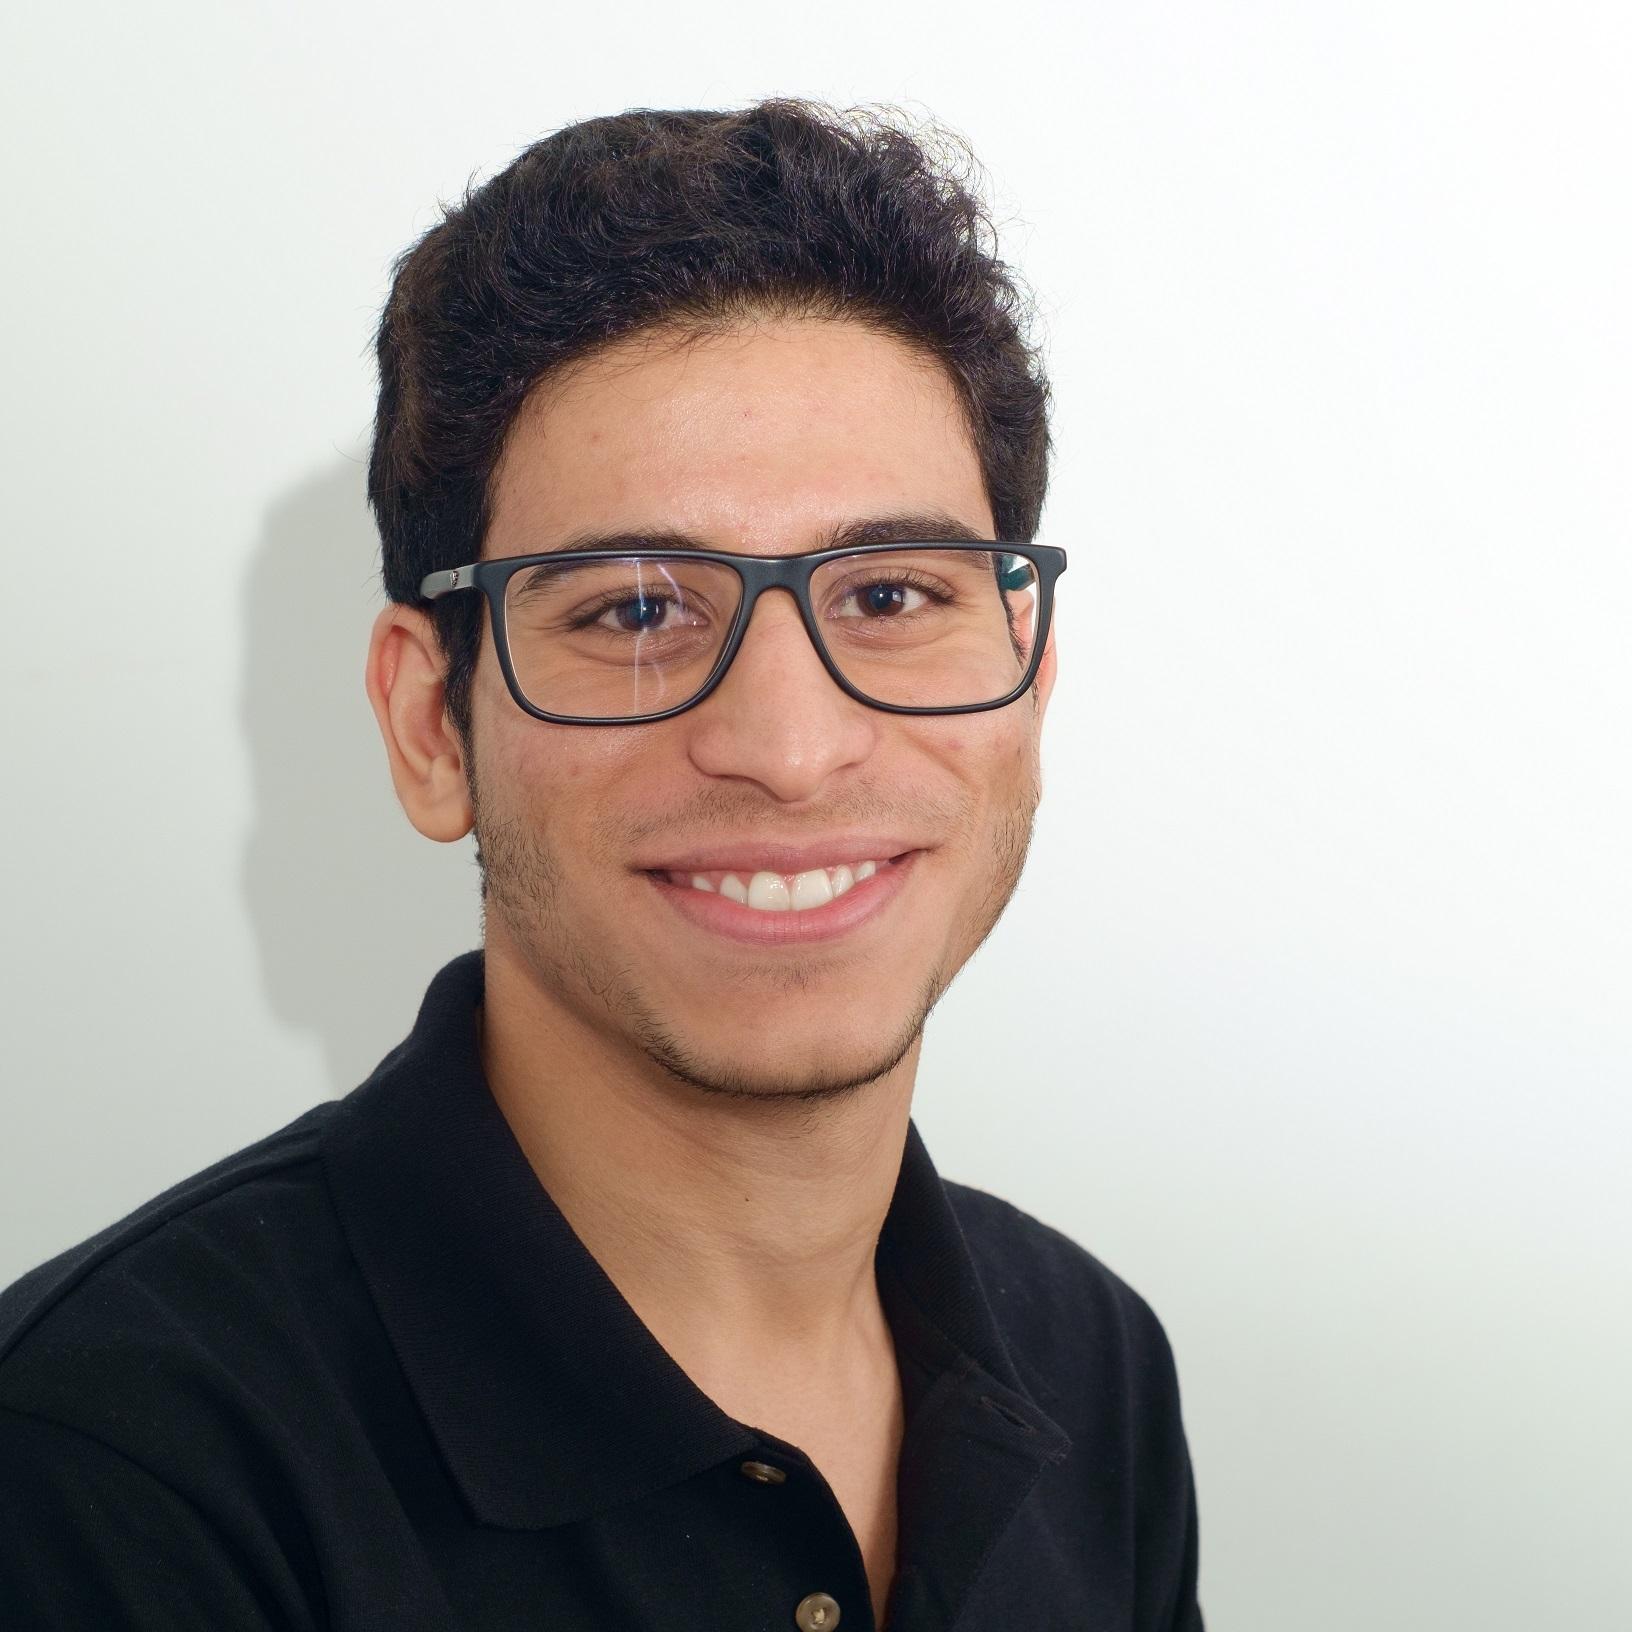 Youssef Ramadan